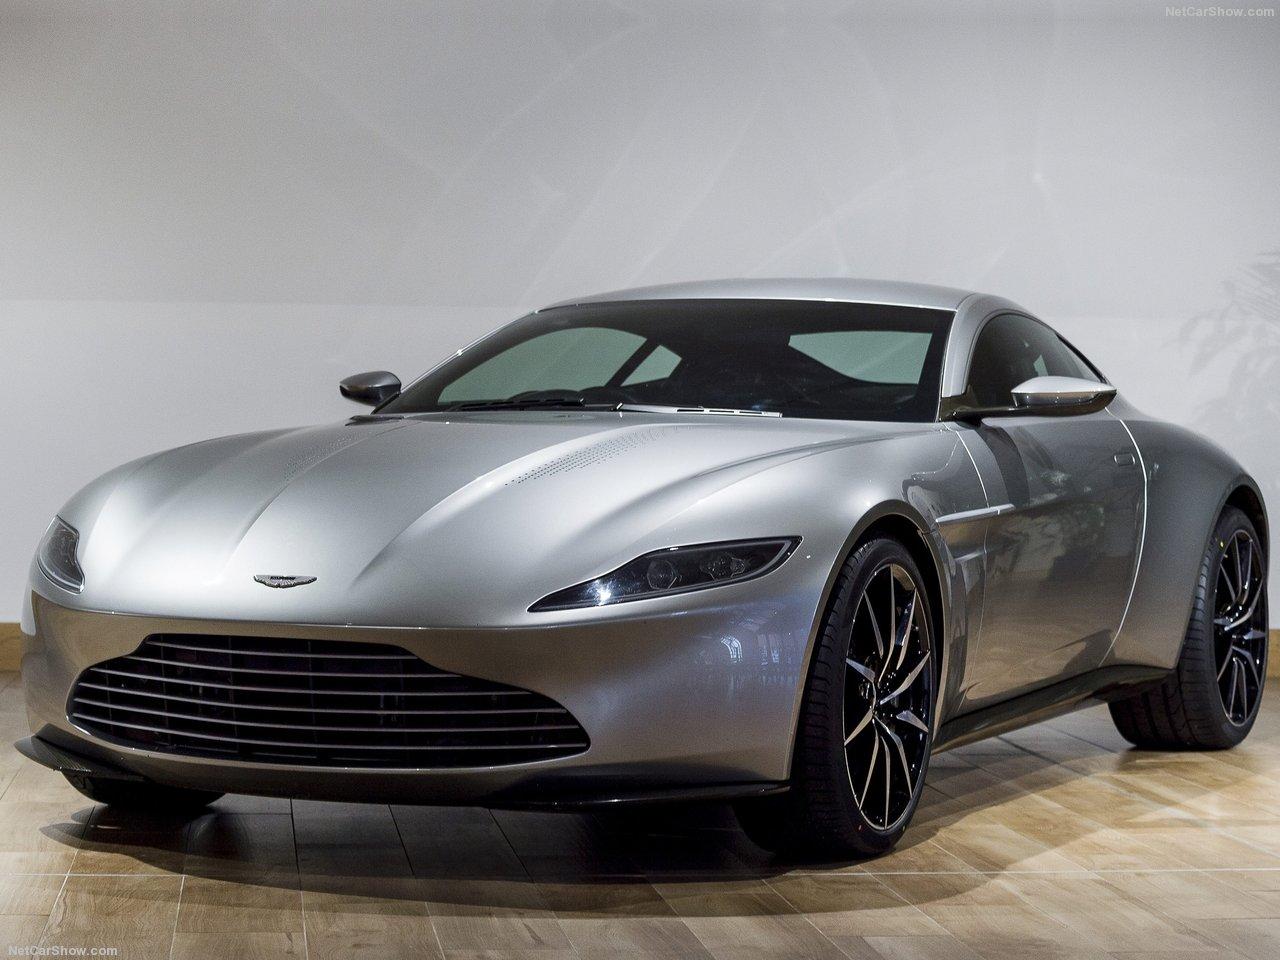 Aston_Martin-DB10-2015-1280-04.jpg